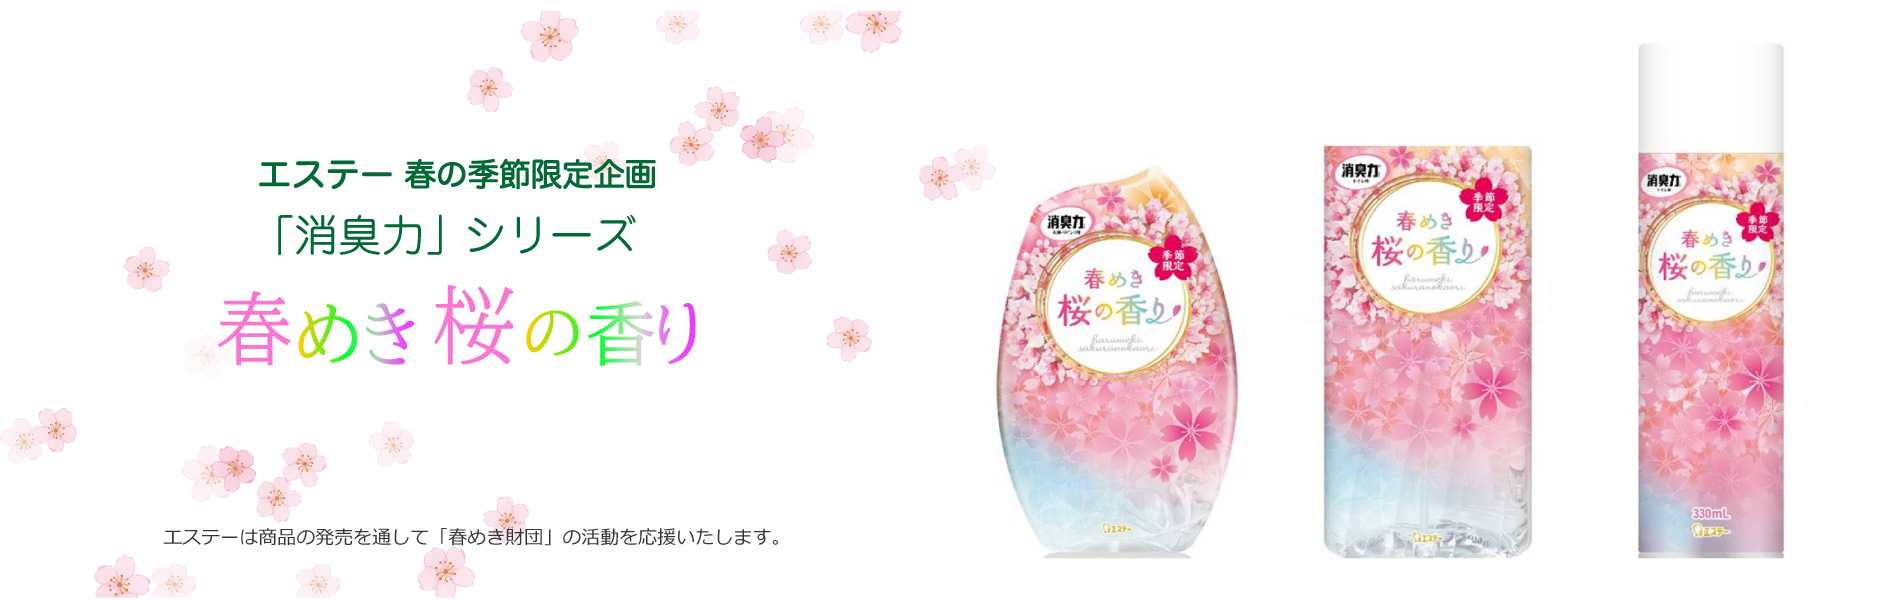 「春めき」の香りの「消臭力」シリーズ